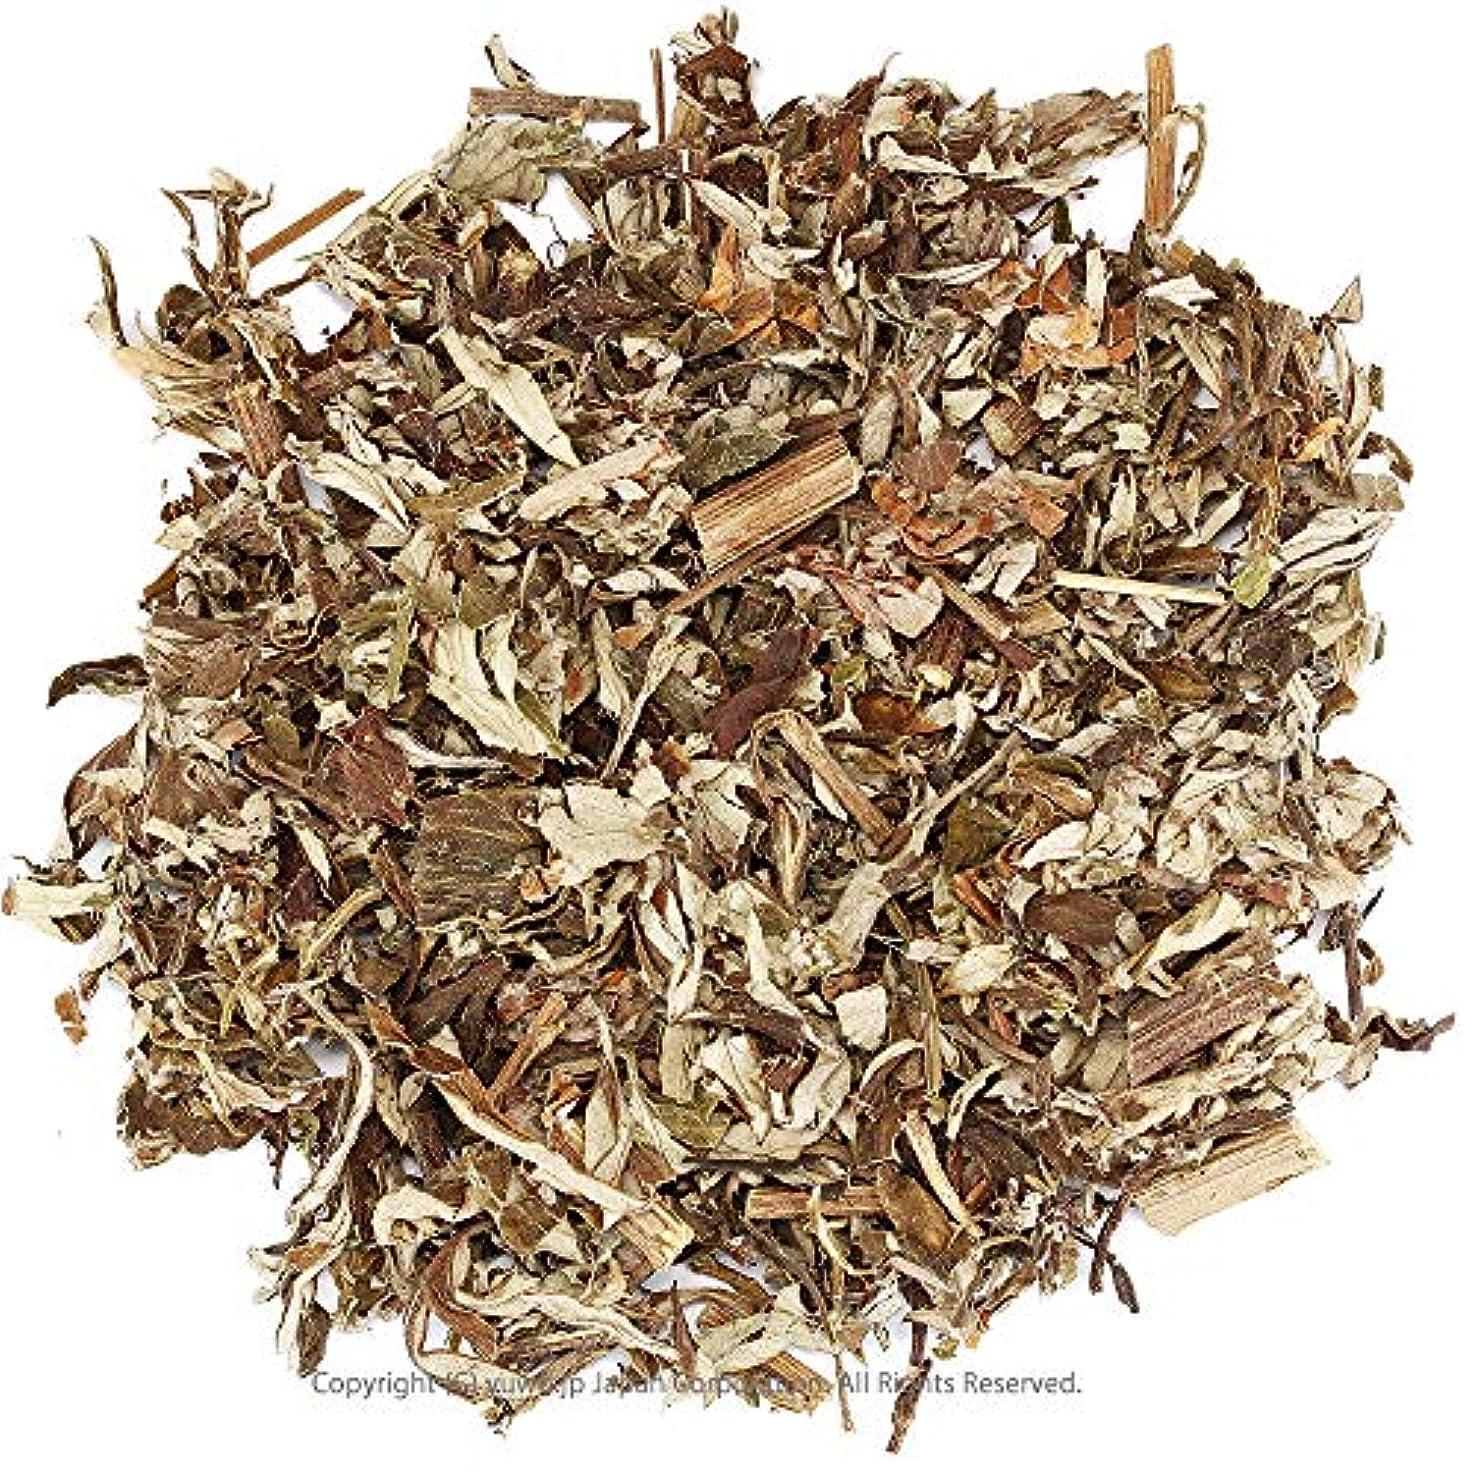 活性化がんばり続けるビジネスヨモギ業務用 500g 蓬茶 本場韓国産ヨモギ 葉(地上部 主に葉)100% 乾燥よもぎ茶 よもぎ風呂 ヨモギ蒸し